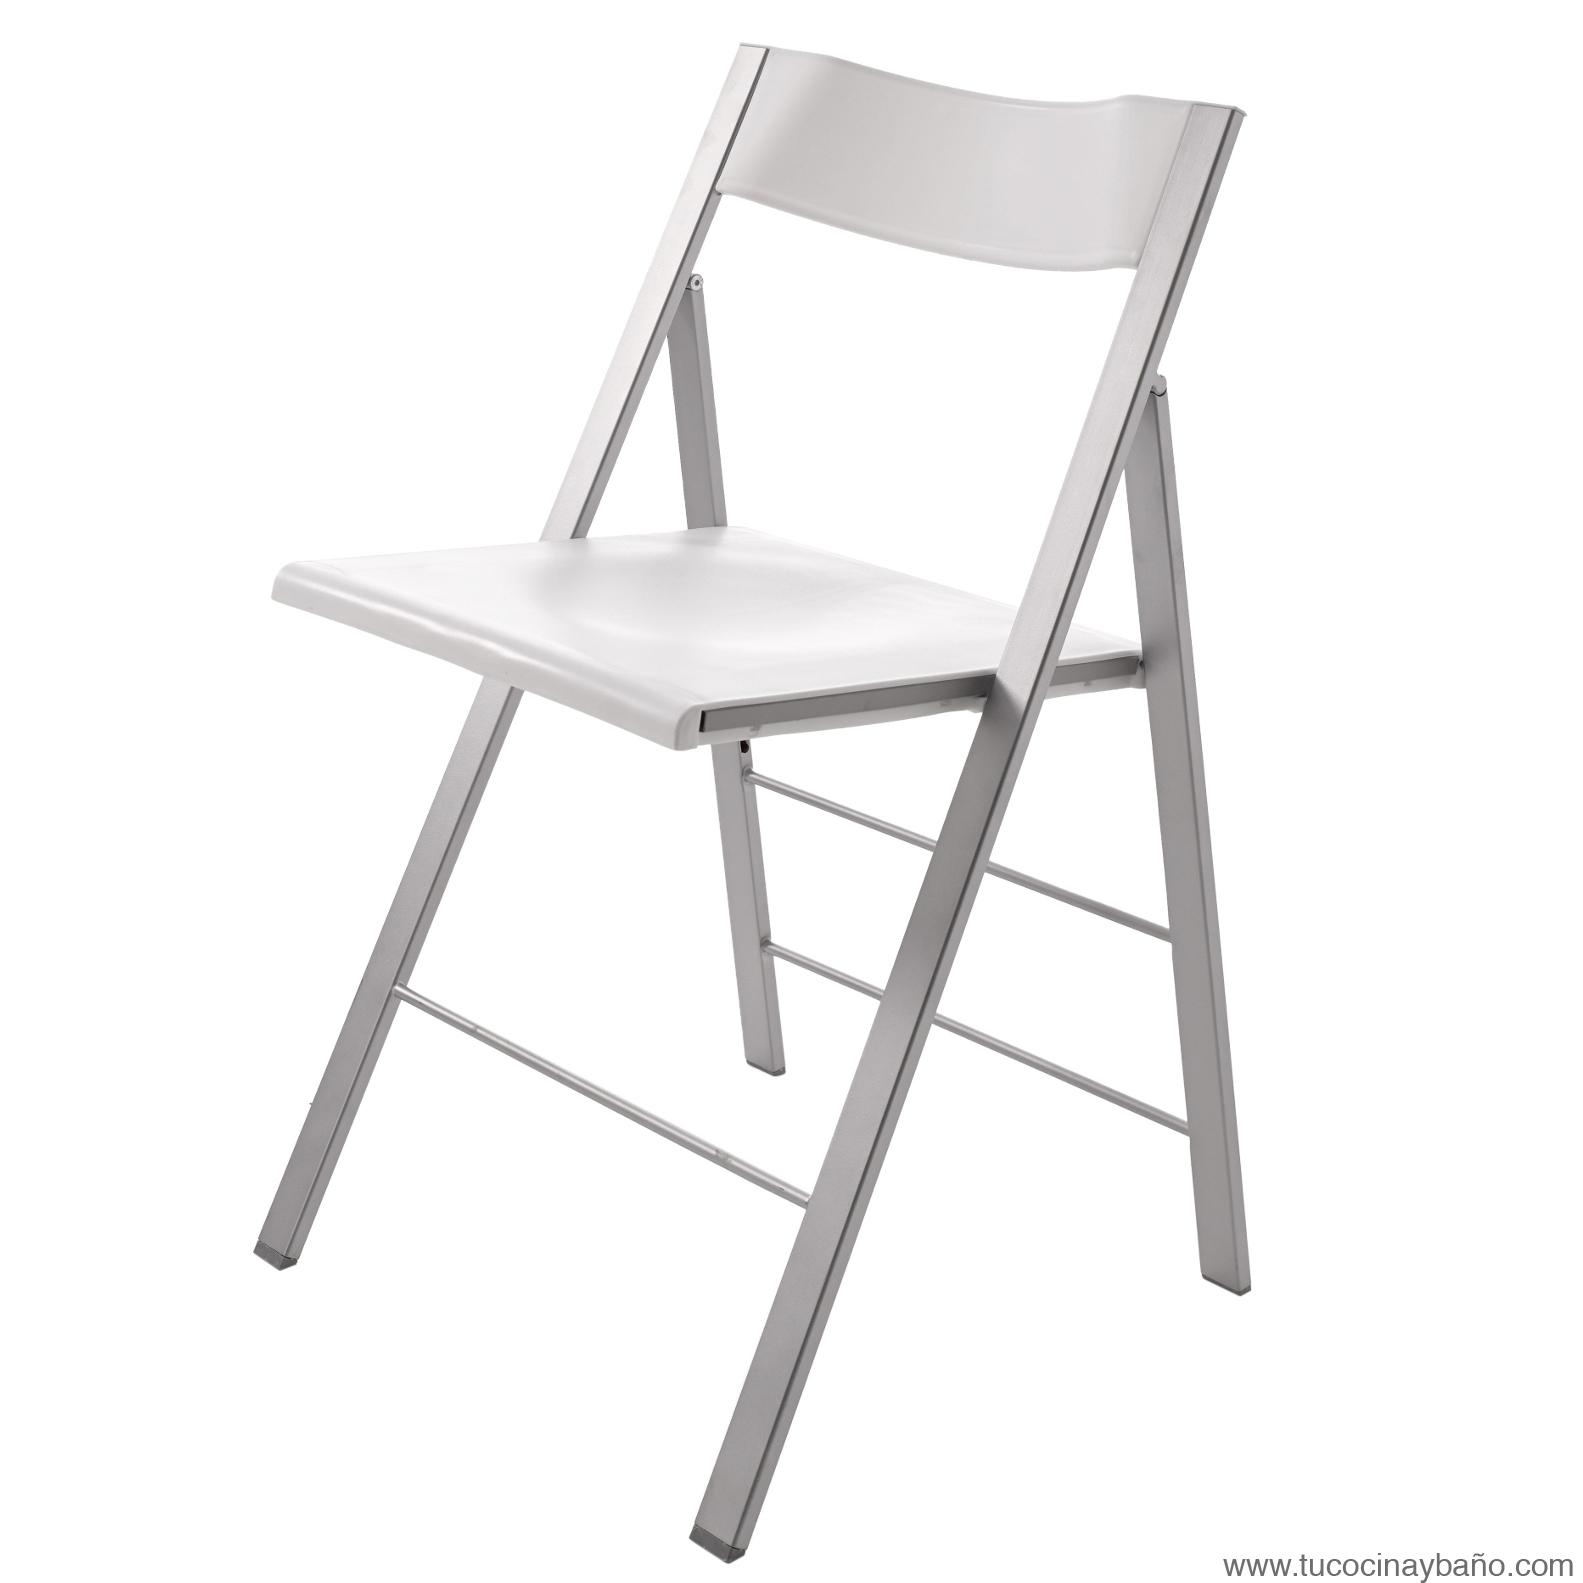 sillas plegables blanca de cocina baratas